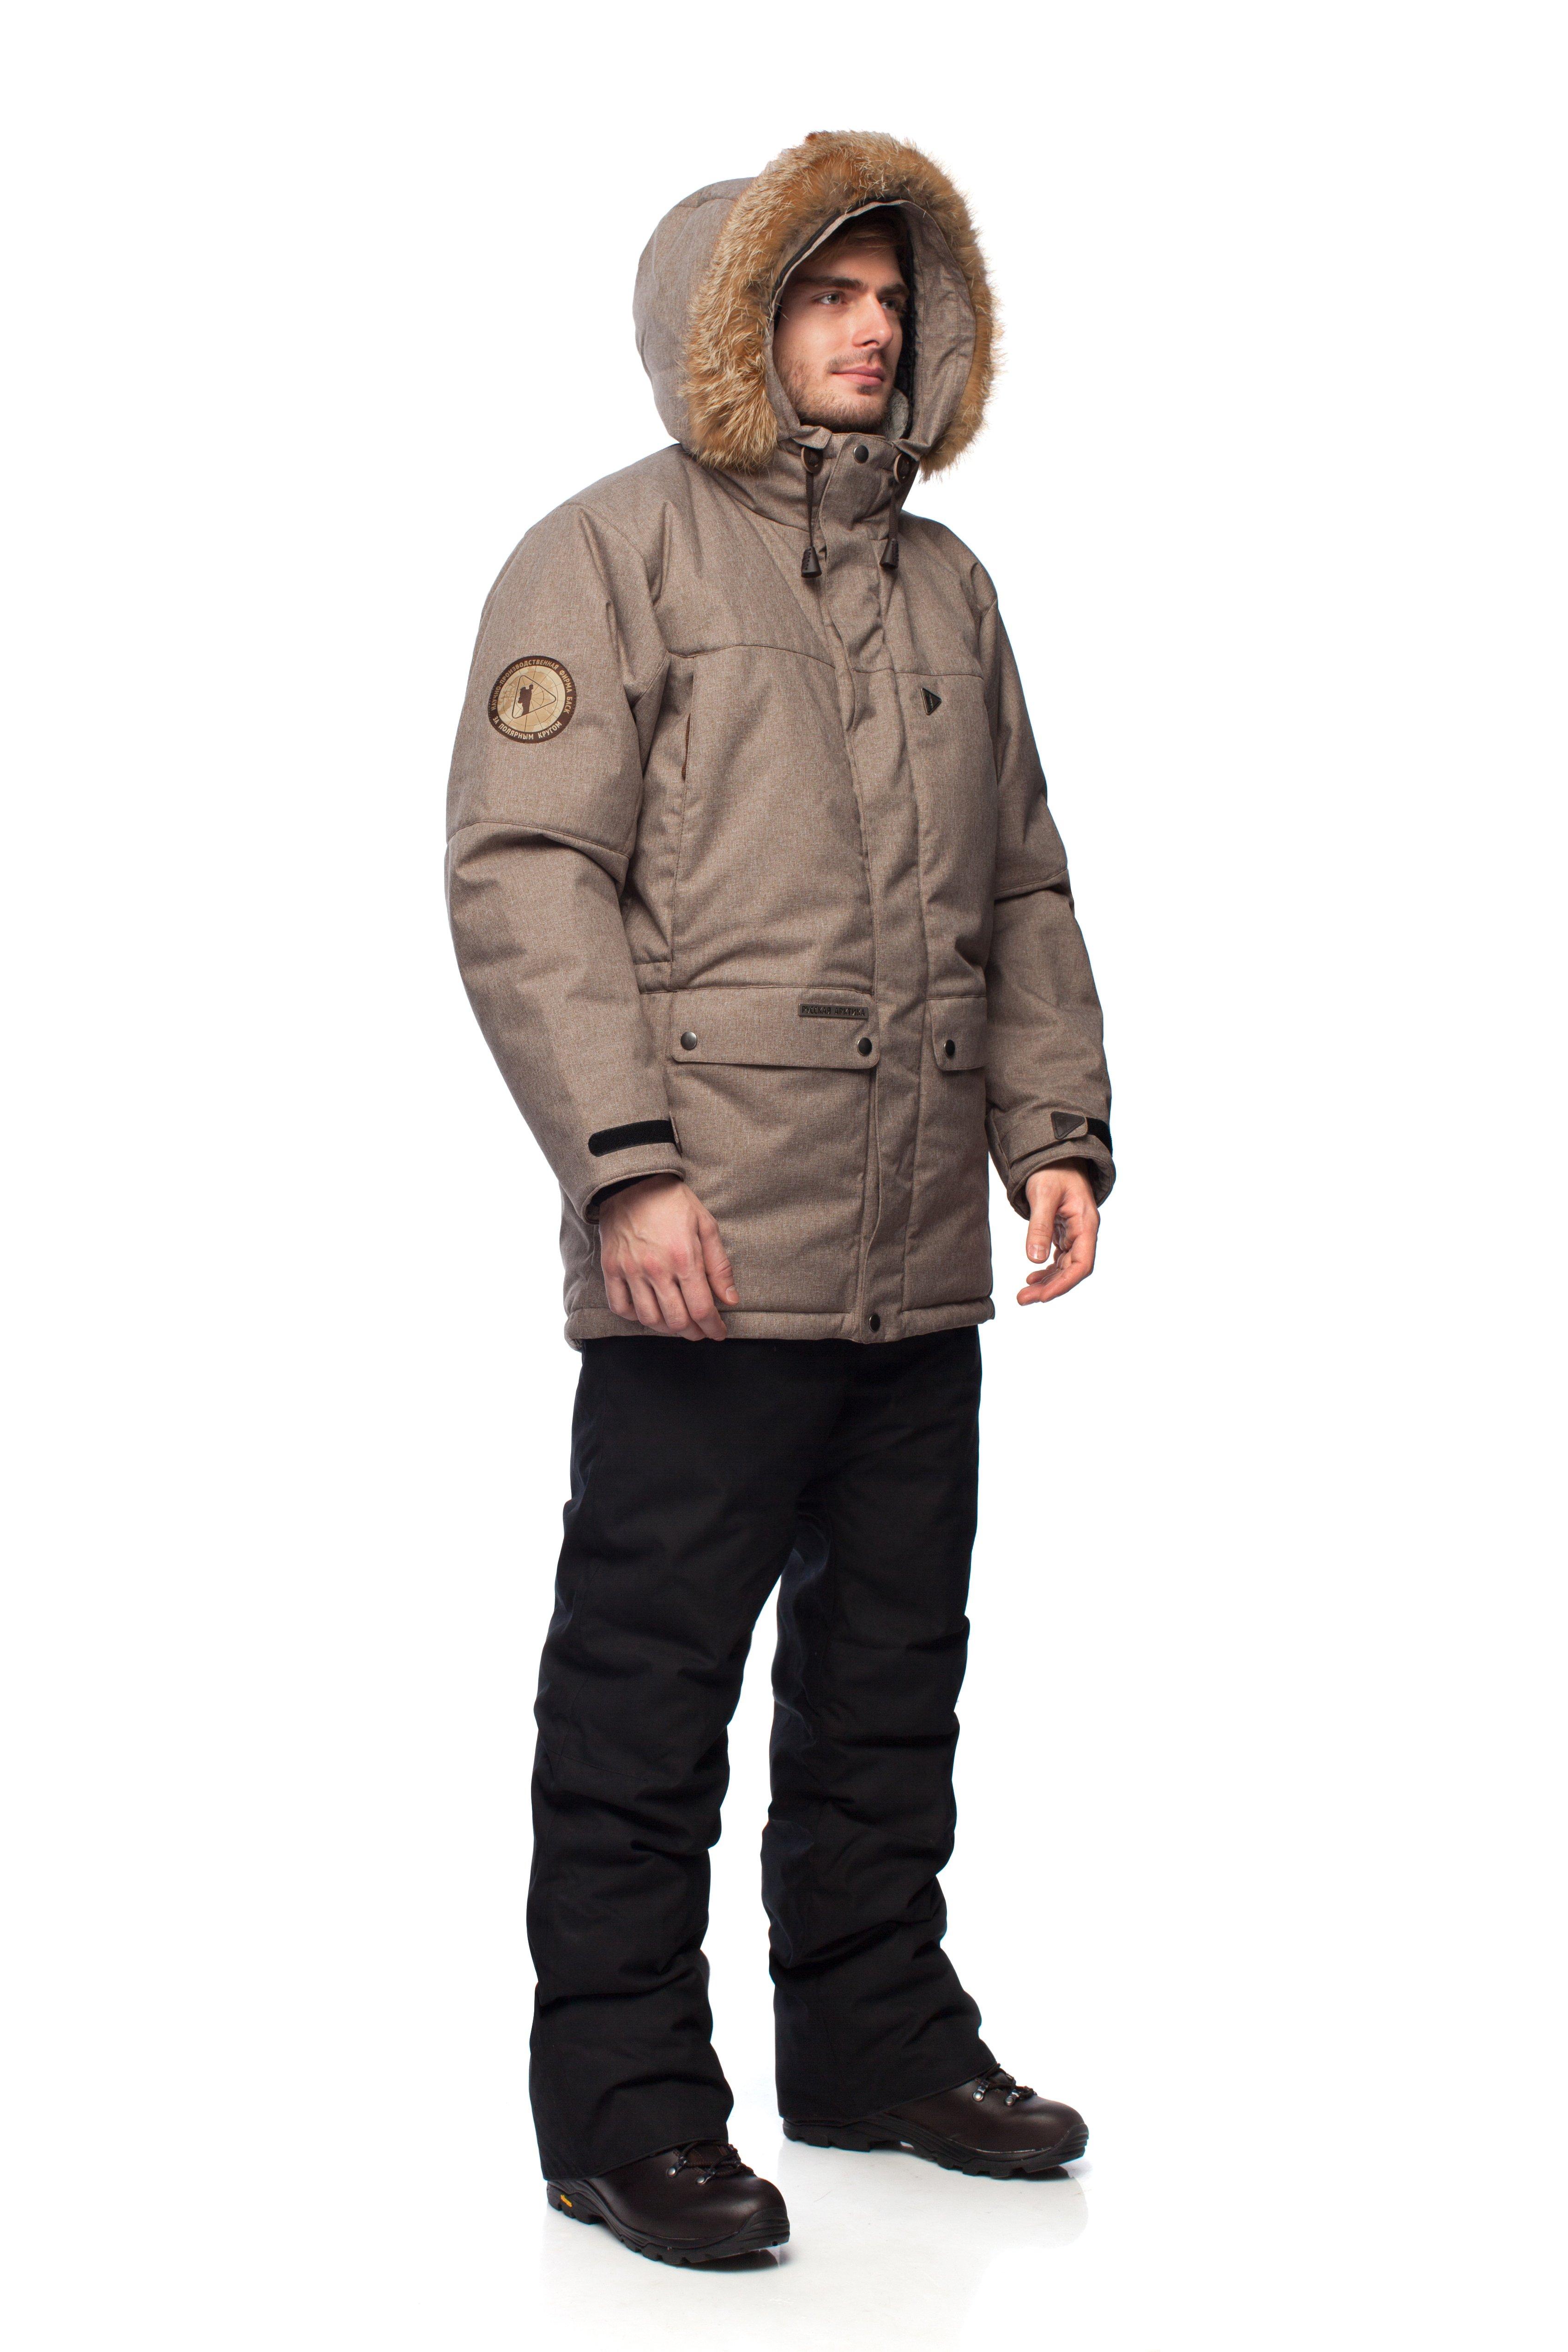 Куртка BASK SHL ARADAN 3802Удлиненная мужская зимняя куртка-парка BASK ARADAN с мембранной тканью и температурным режимом -25 &amp;deg;С.<br><br>Верхняя ткань: Advance® Alaska Soft Melange<br>Вес граммы: 1680<br>Ветро-влагозащитные свойства верхней ткани: Да<br>Ветрозащитная планка: Да<br>Ветрозащитная юбка: Нет<br>Влагозащитные молнии: Нет<br>Внутренние манжеты: Нет<br>Внутренняя ткань: Advance® Classic<br>Водонепроницаемость: 10000<br>Дублирующий центральную молнию клапан: Нет<br>Защитный козырёк капюшона: Нет<br>Капюшон: несъемный<br>Карман для средств связи: Да<br>Количество внешних карманов: 5<br>Количество внутренних карманов: 2<br>Объемный крой локтевой зоны: Да<br>Отстёгивающиеся рукава: Нет<br>Паропроницаемость: 5000<br>Пол: Мужской<br>Проклейка швов: Нет<br>Регулировка манжетов рукавов: Да<br>Регулировка низа: Да<br>Регулировка объёма капюшона: Да<br>Регулировка талии: Нет<br>Регулируемые вентиляционные отверстия: Нет<br>Световозвращающая лента: Нет<br>Температурный режим: -25<br>Технология Thermal Welding: Нет<br>Тип молнии: двухзамковая влагостойкая<br>Тип утеплителя: синтетический<br>Усиление контактных зон: Нет<br>Утеплитель: Shelter®Sport<br>Размер RU: 54<br>Цвет: СЕРЫЙ